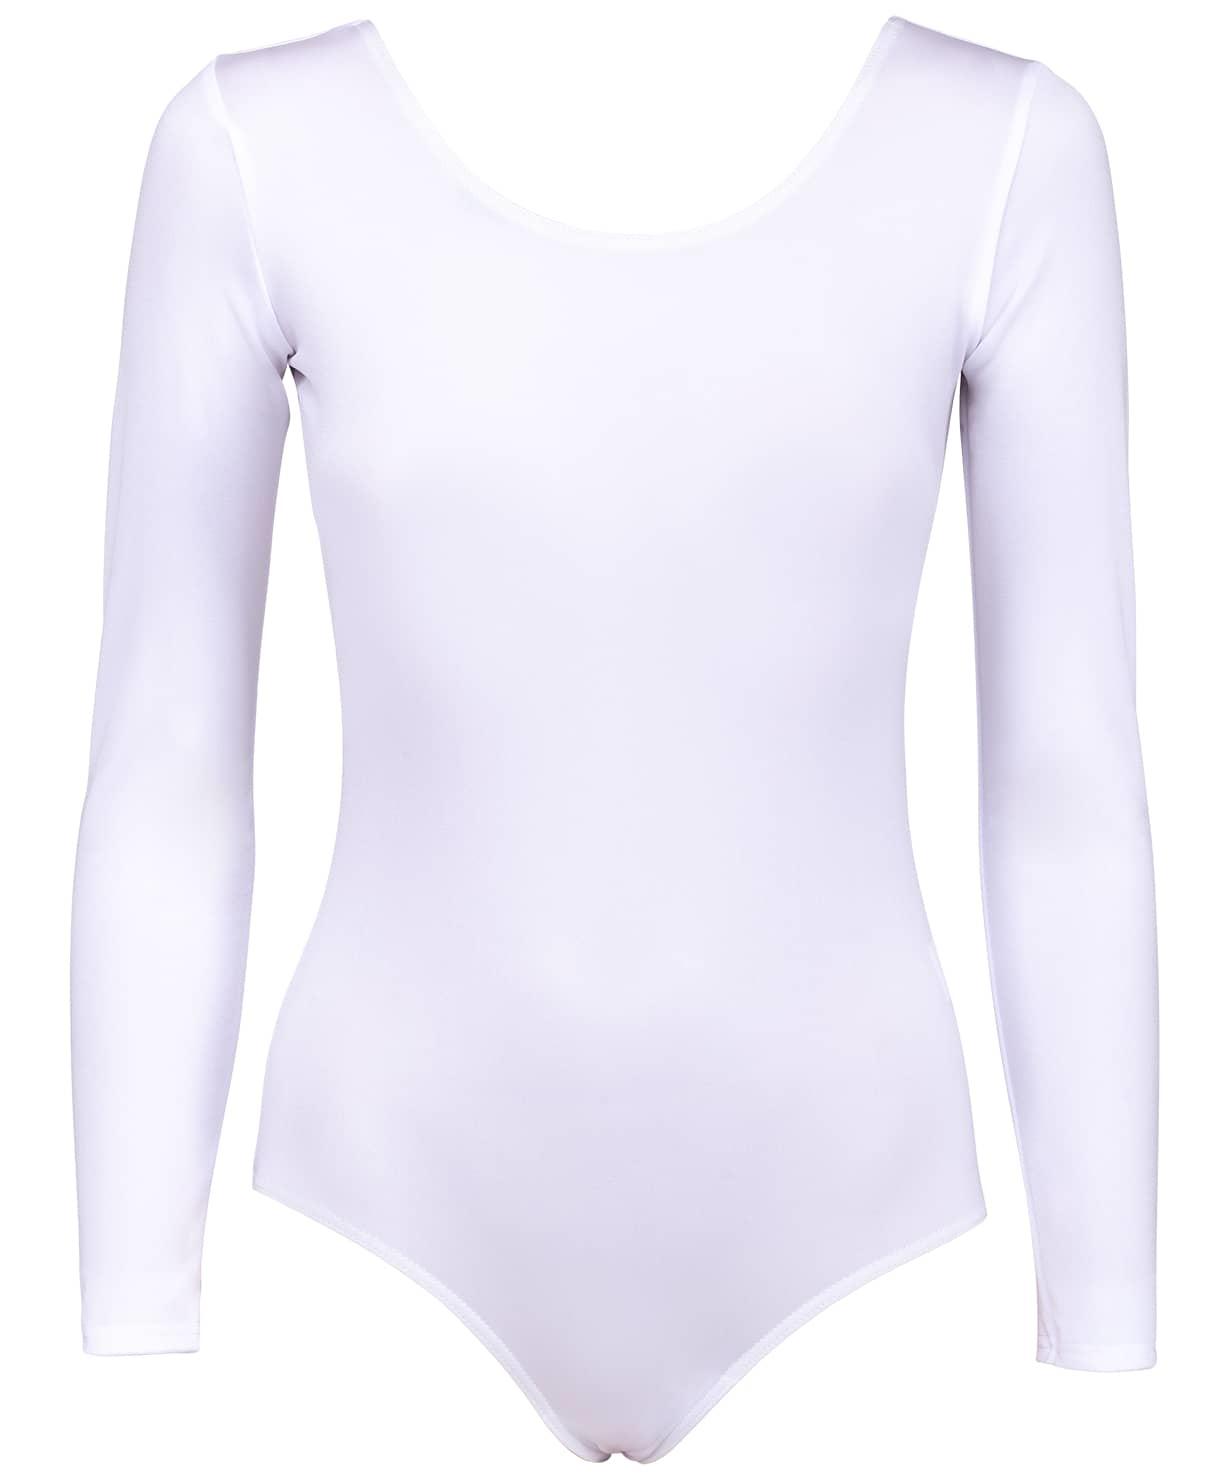 Купальник гимнастический AA-142, с длинным рукавом, полиамид, белый (28-34)